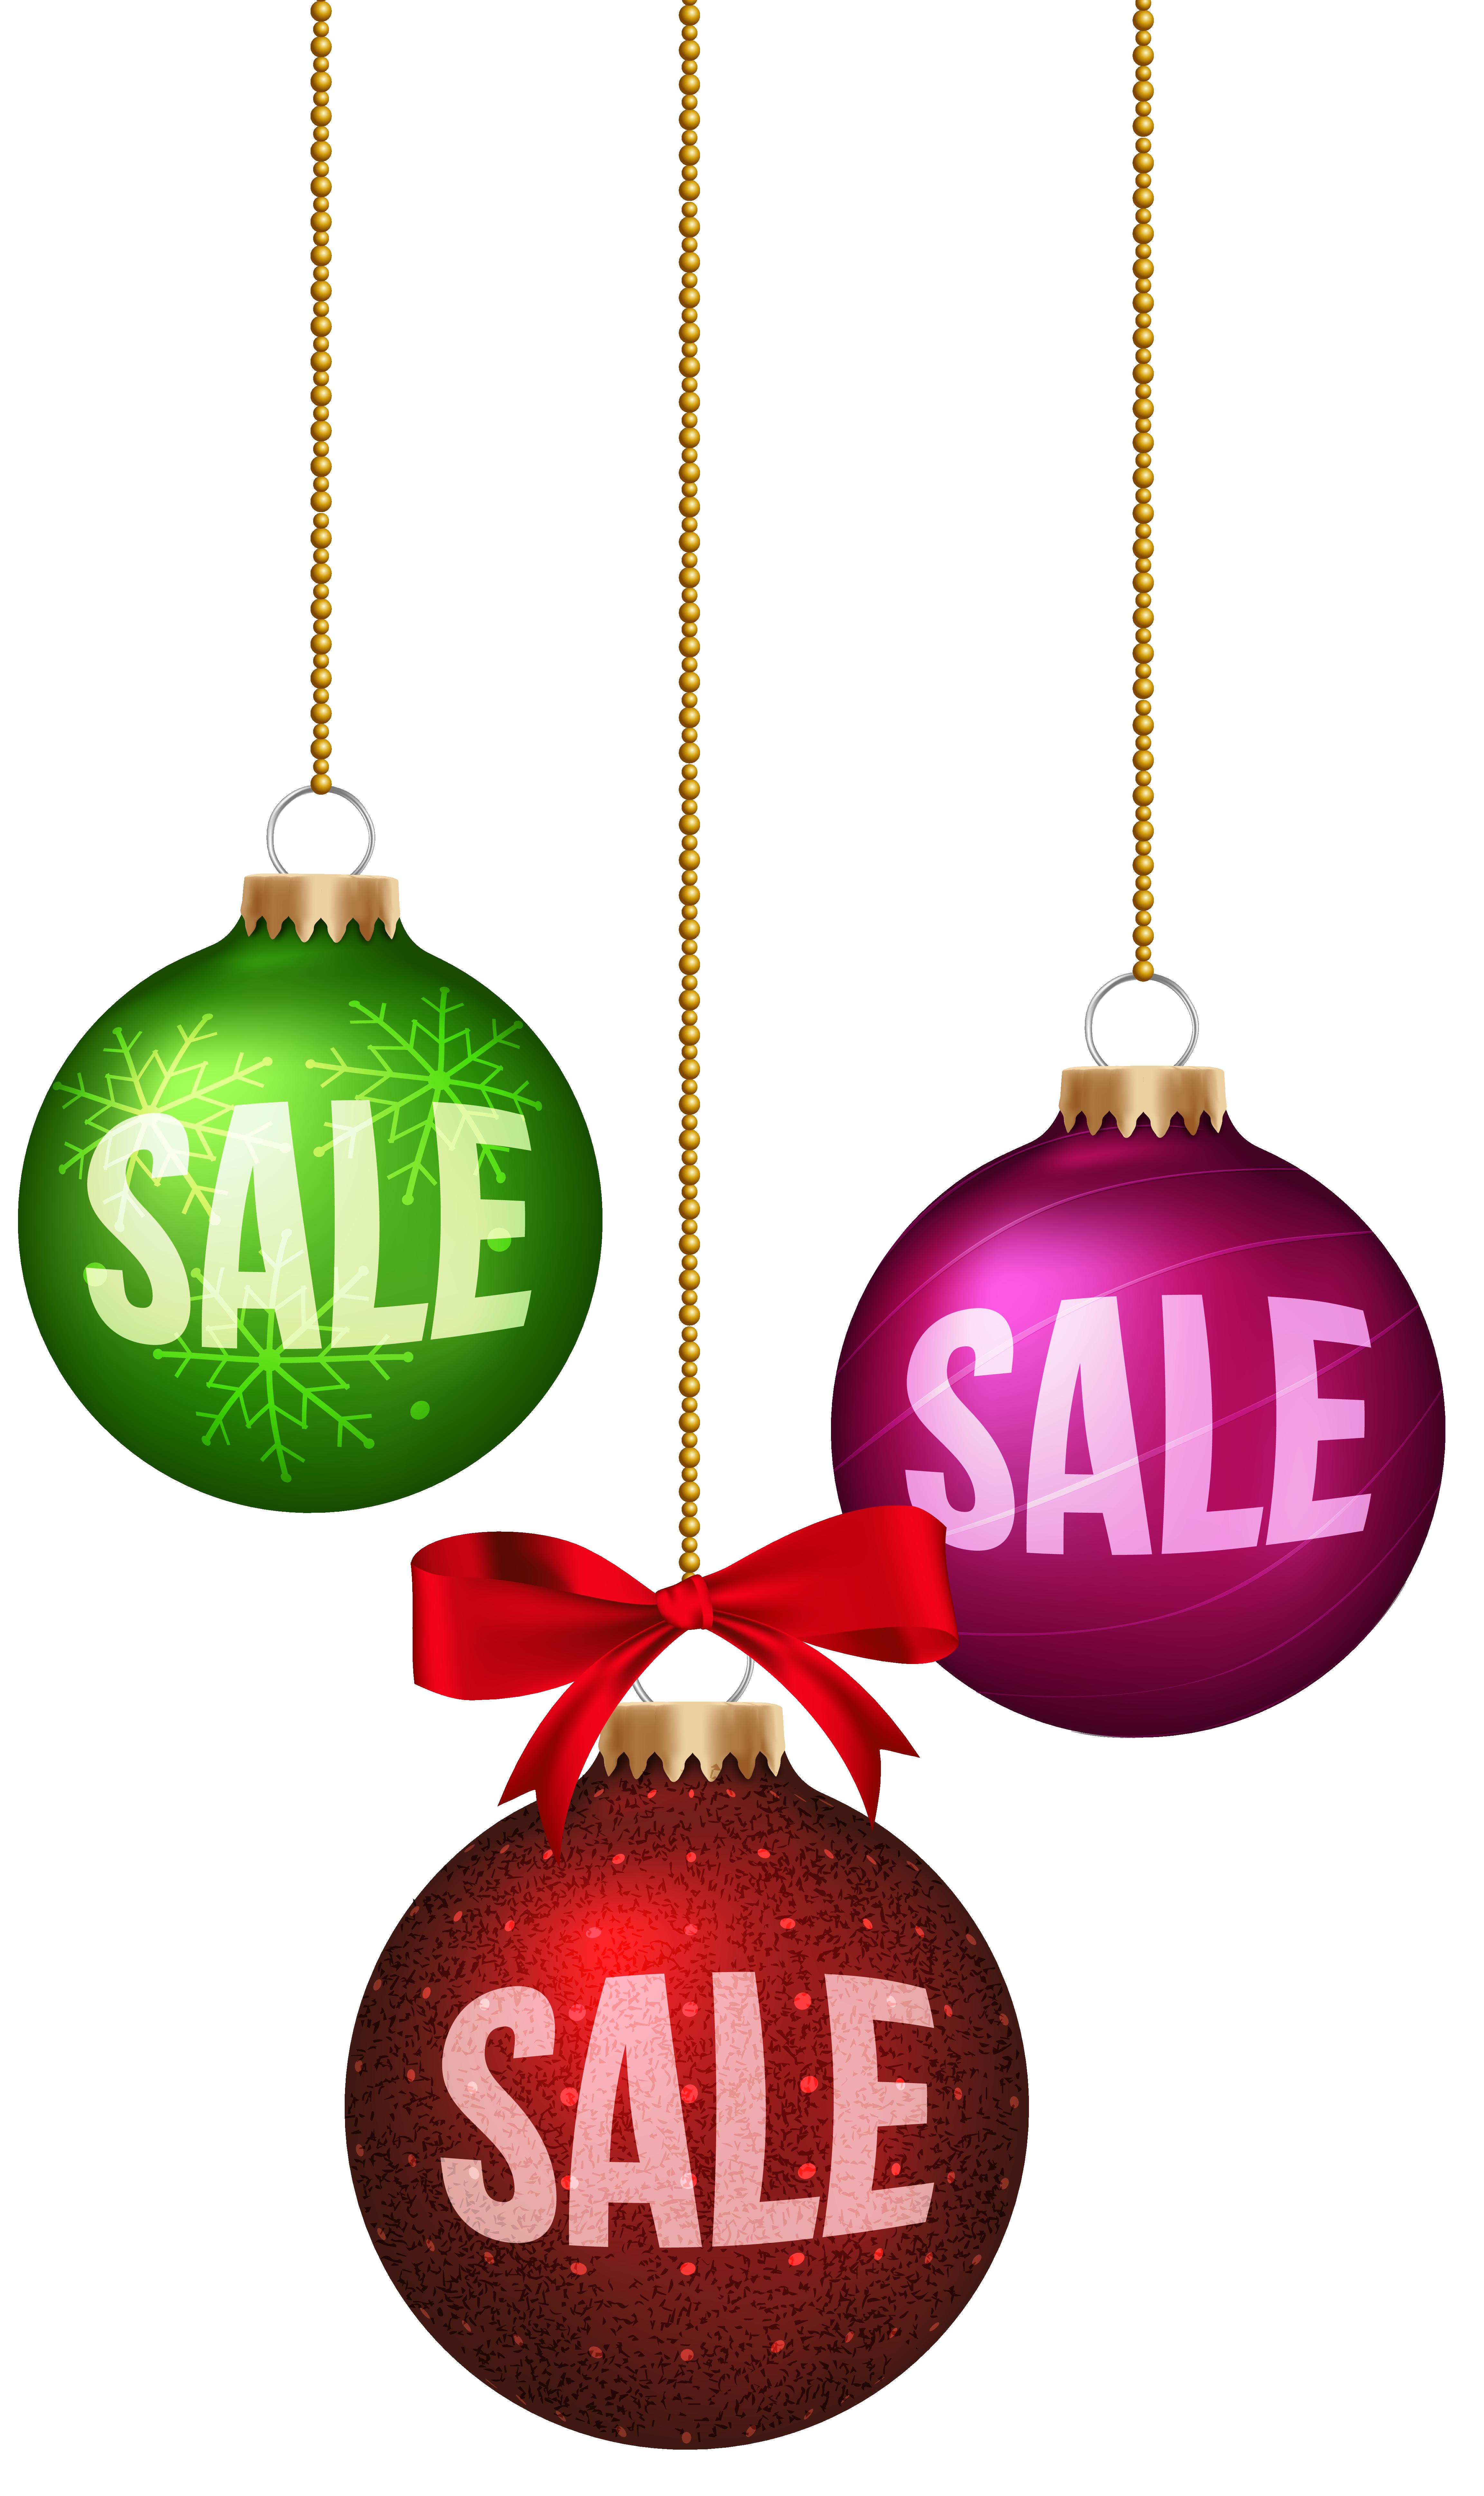 Christmas Balls Sale Decoration PNG Clip Art Image.